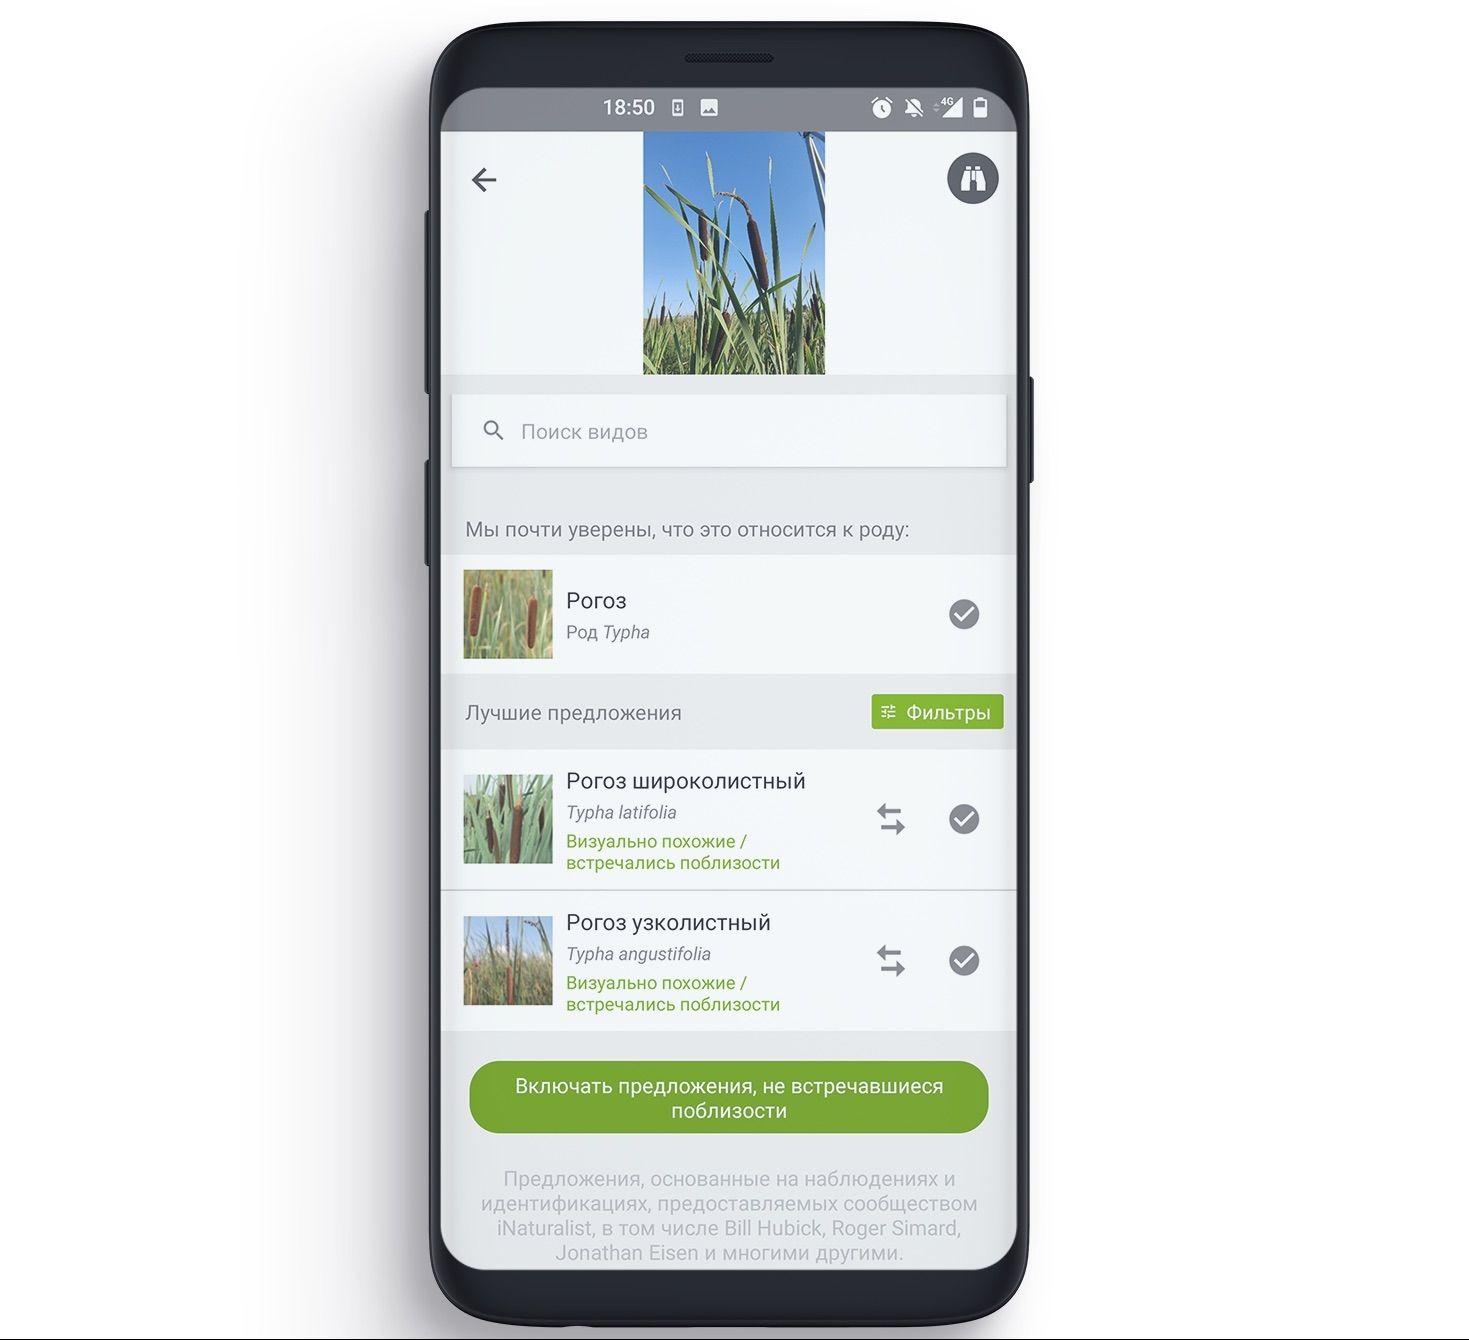 Проанализировав фотографию, искусственныйинтеллект iNaturalist предложит варианты видовой принадлежности растения или животного